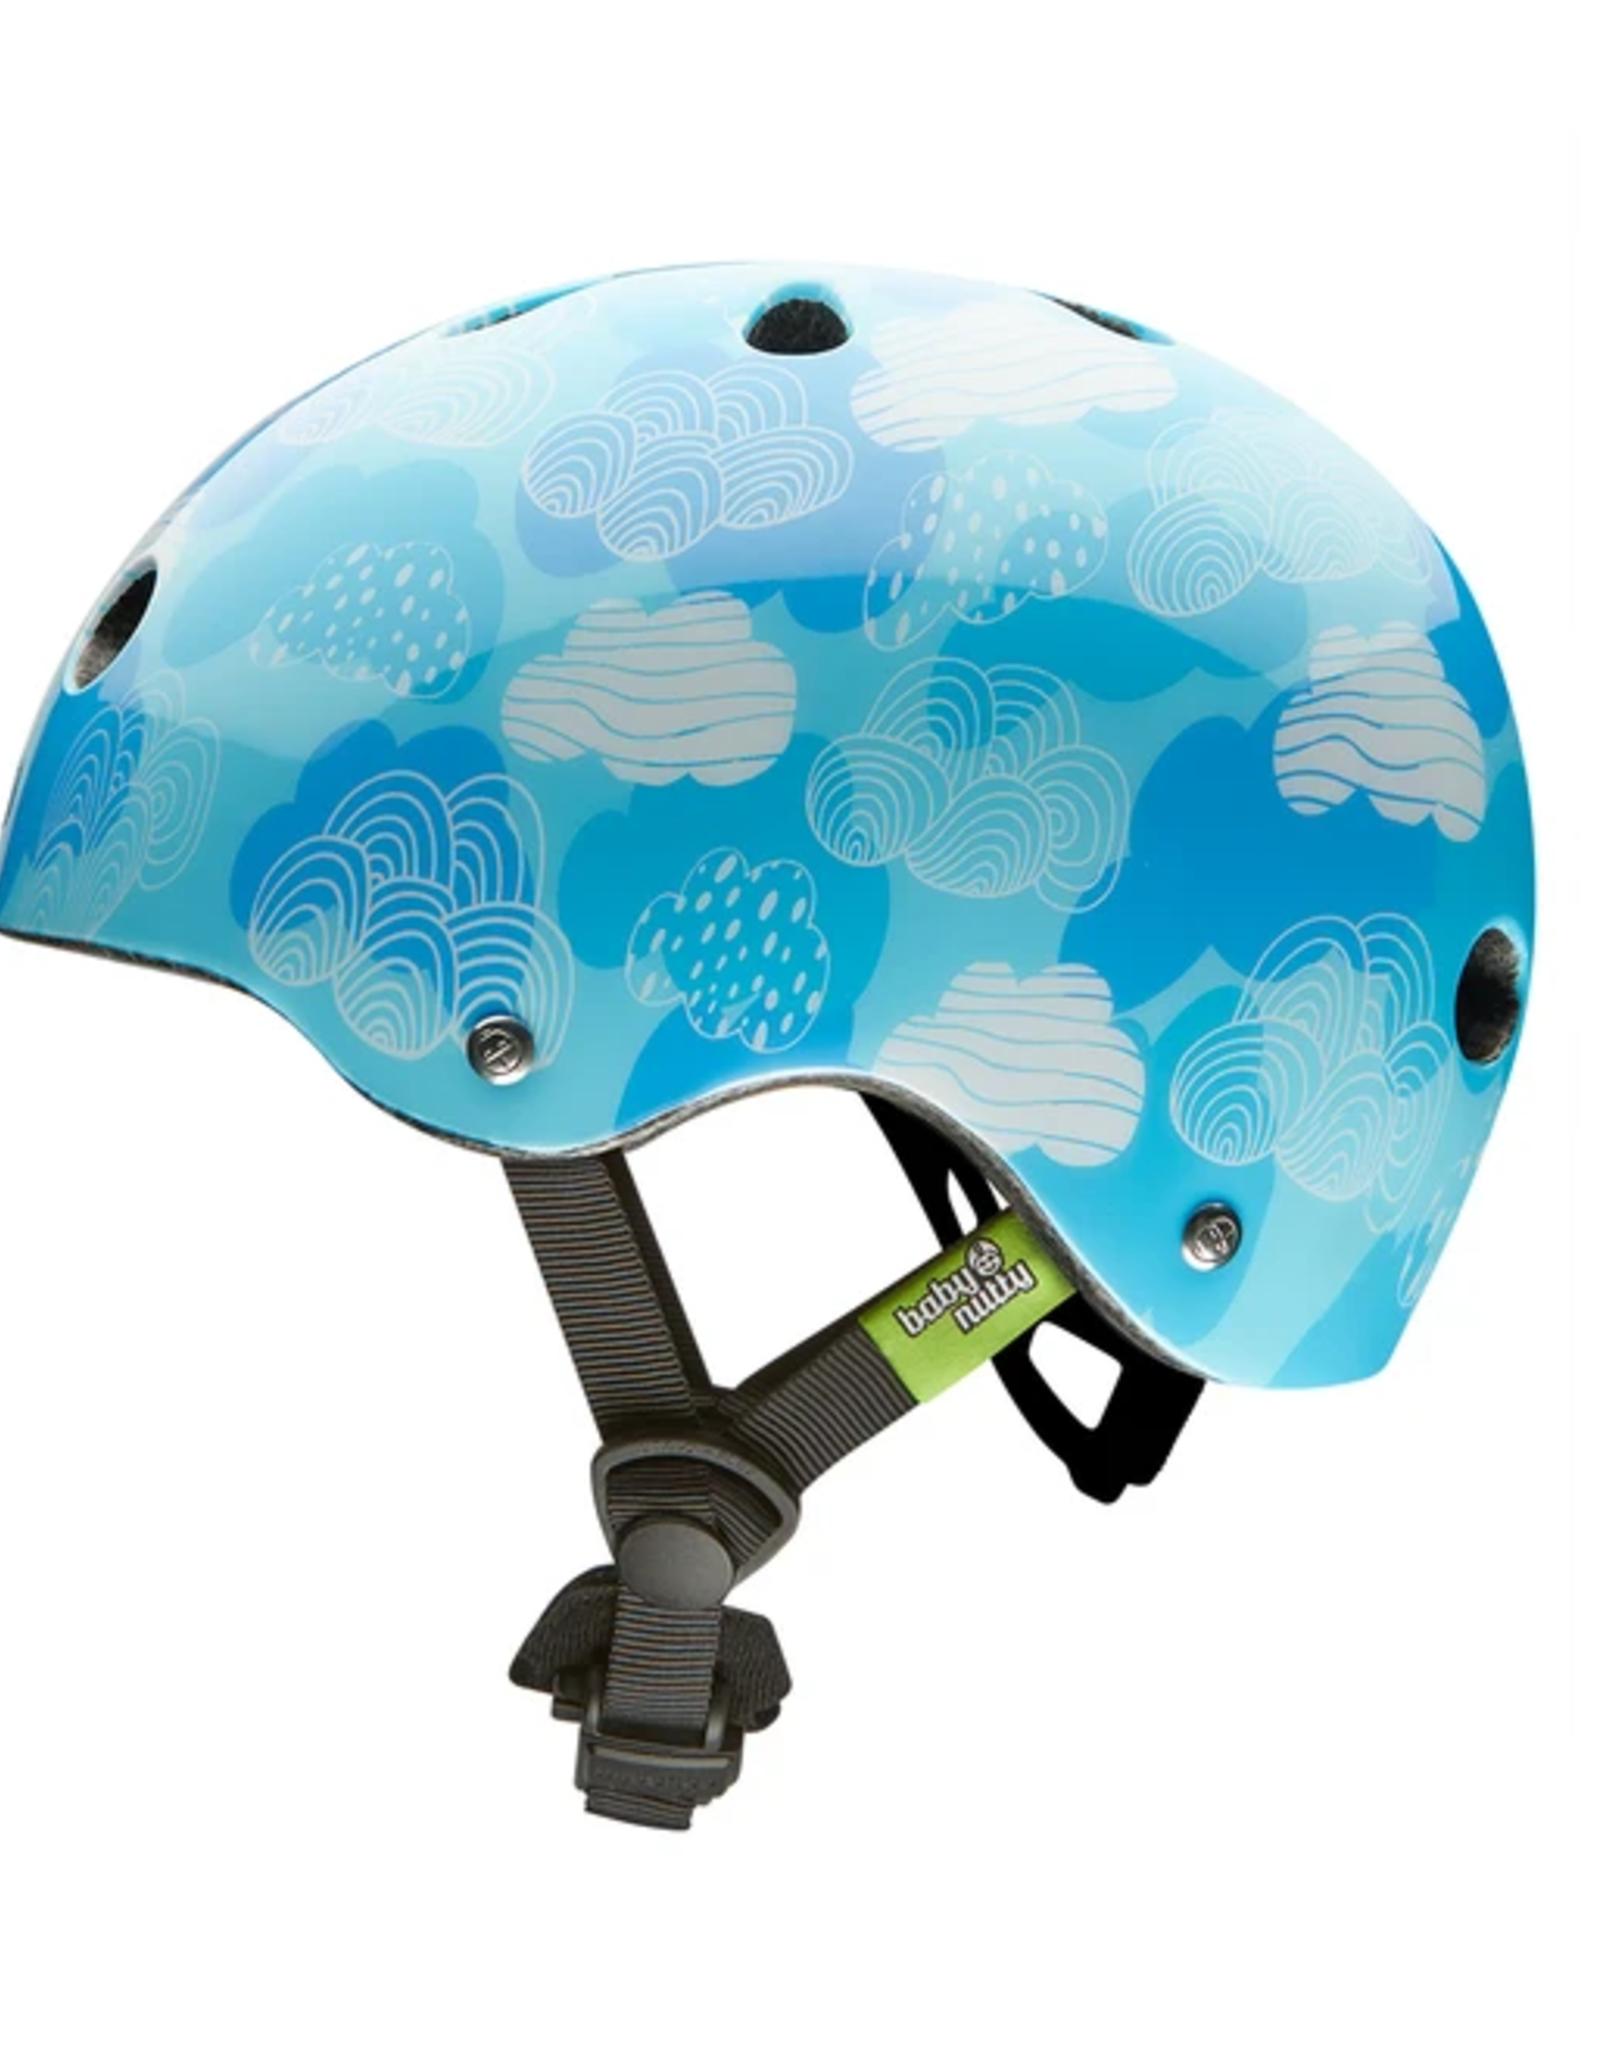 Nutcase Helmet - Nutcase Baby Head in the Clouds Street